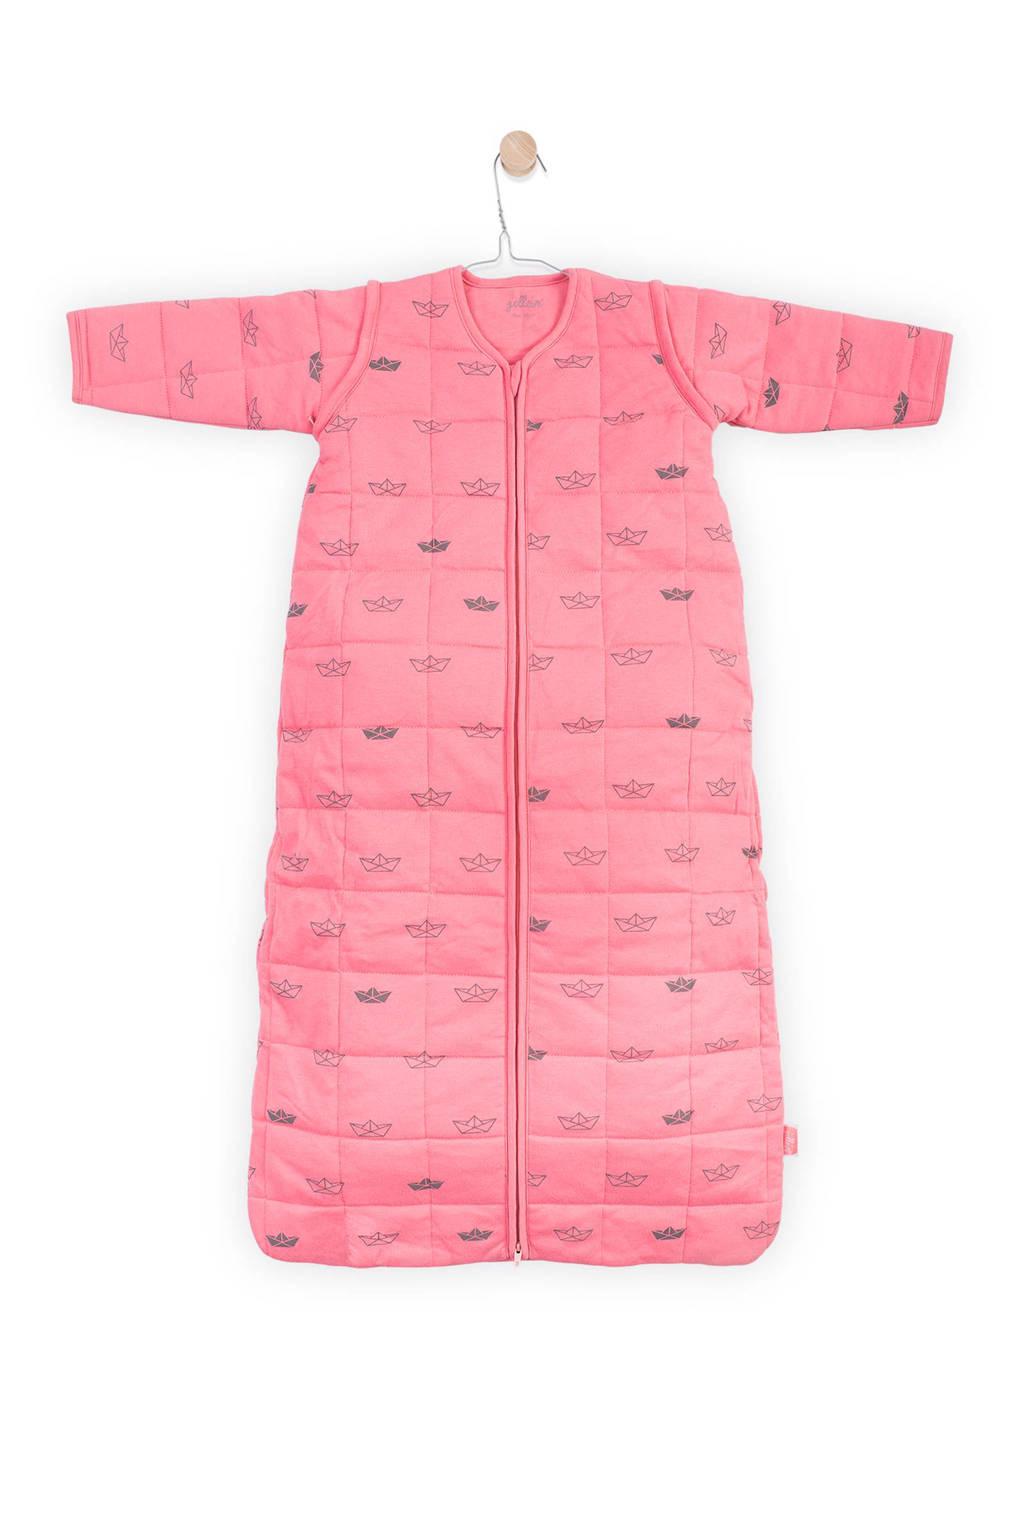 Jollein Little boats baby slaapzak 4-seizoenen 110 cm coral pink, Coral pink